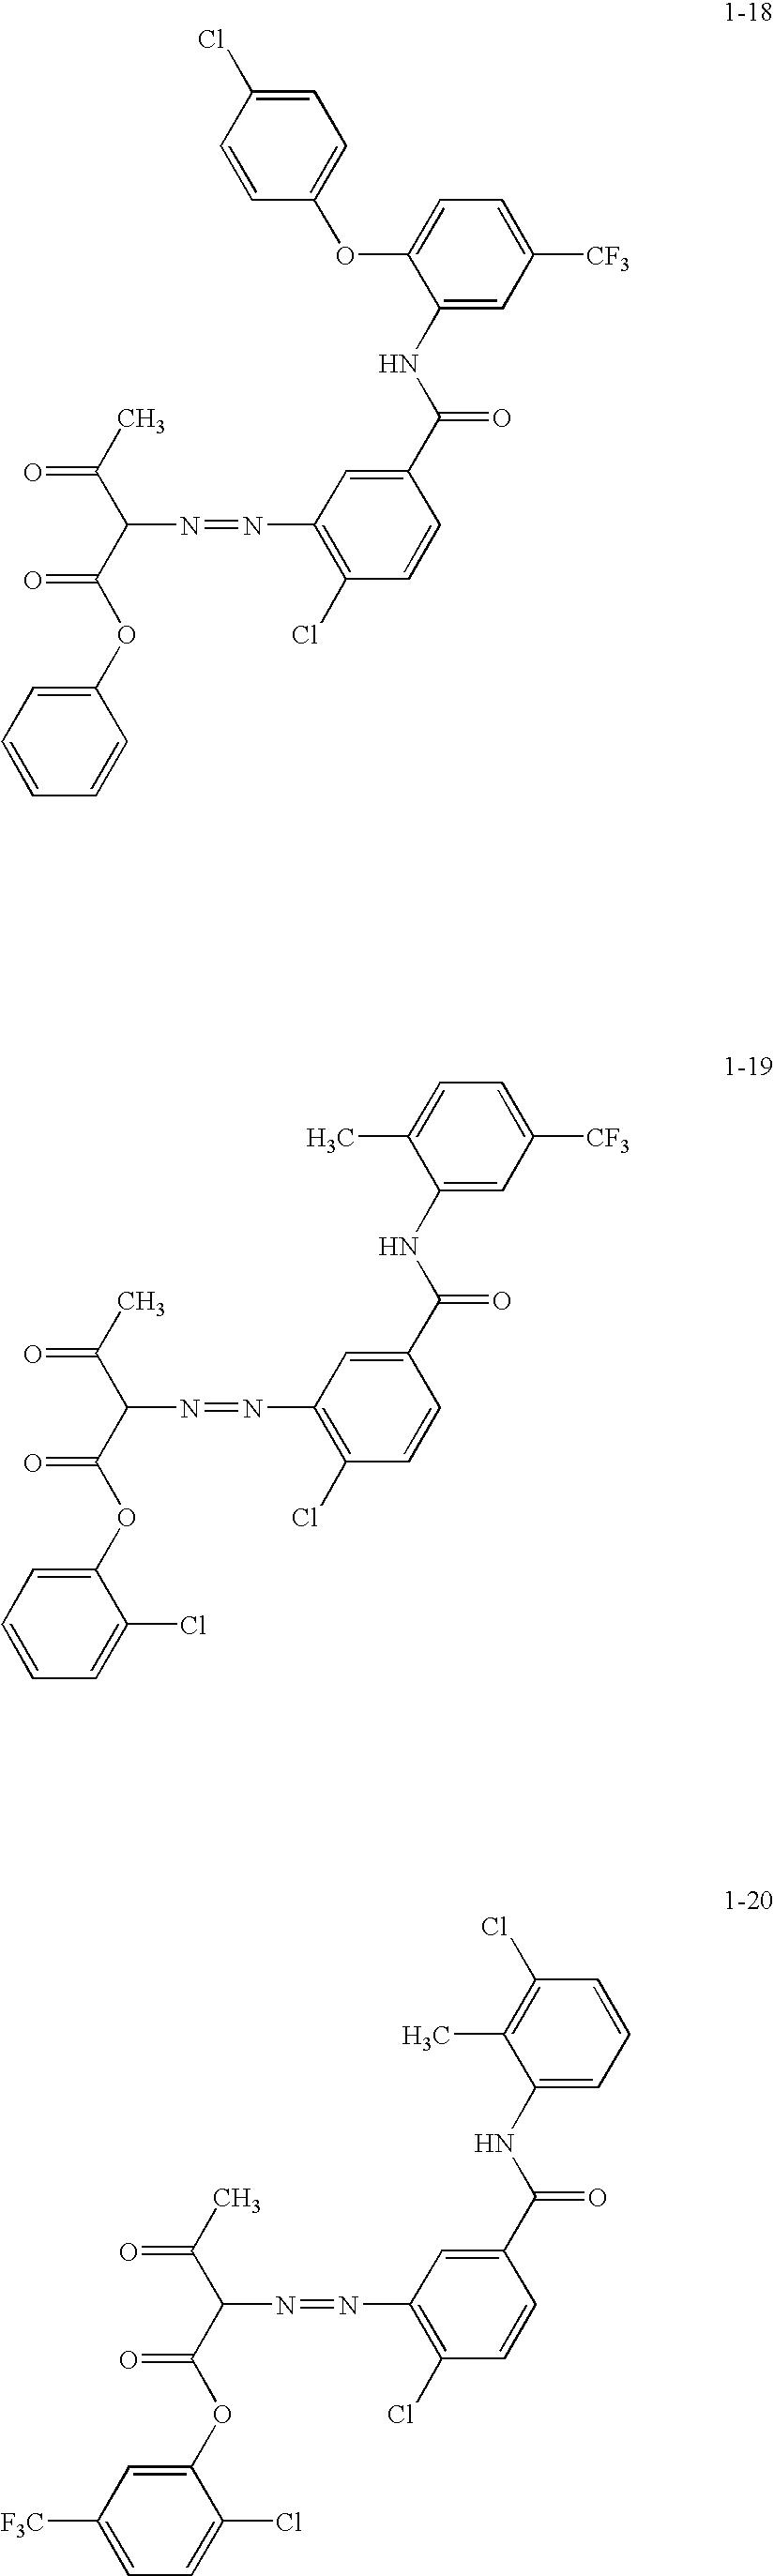 Figure US07160380-20070109-C00015